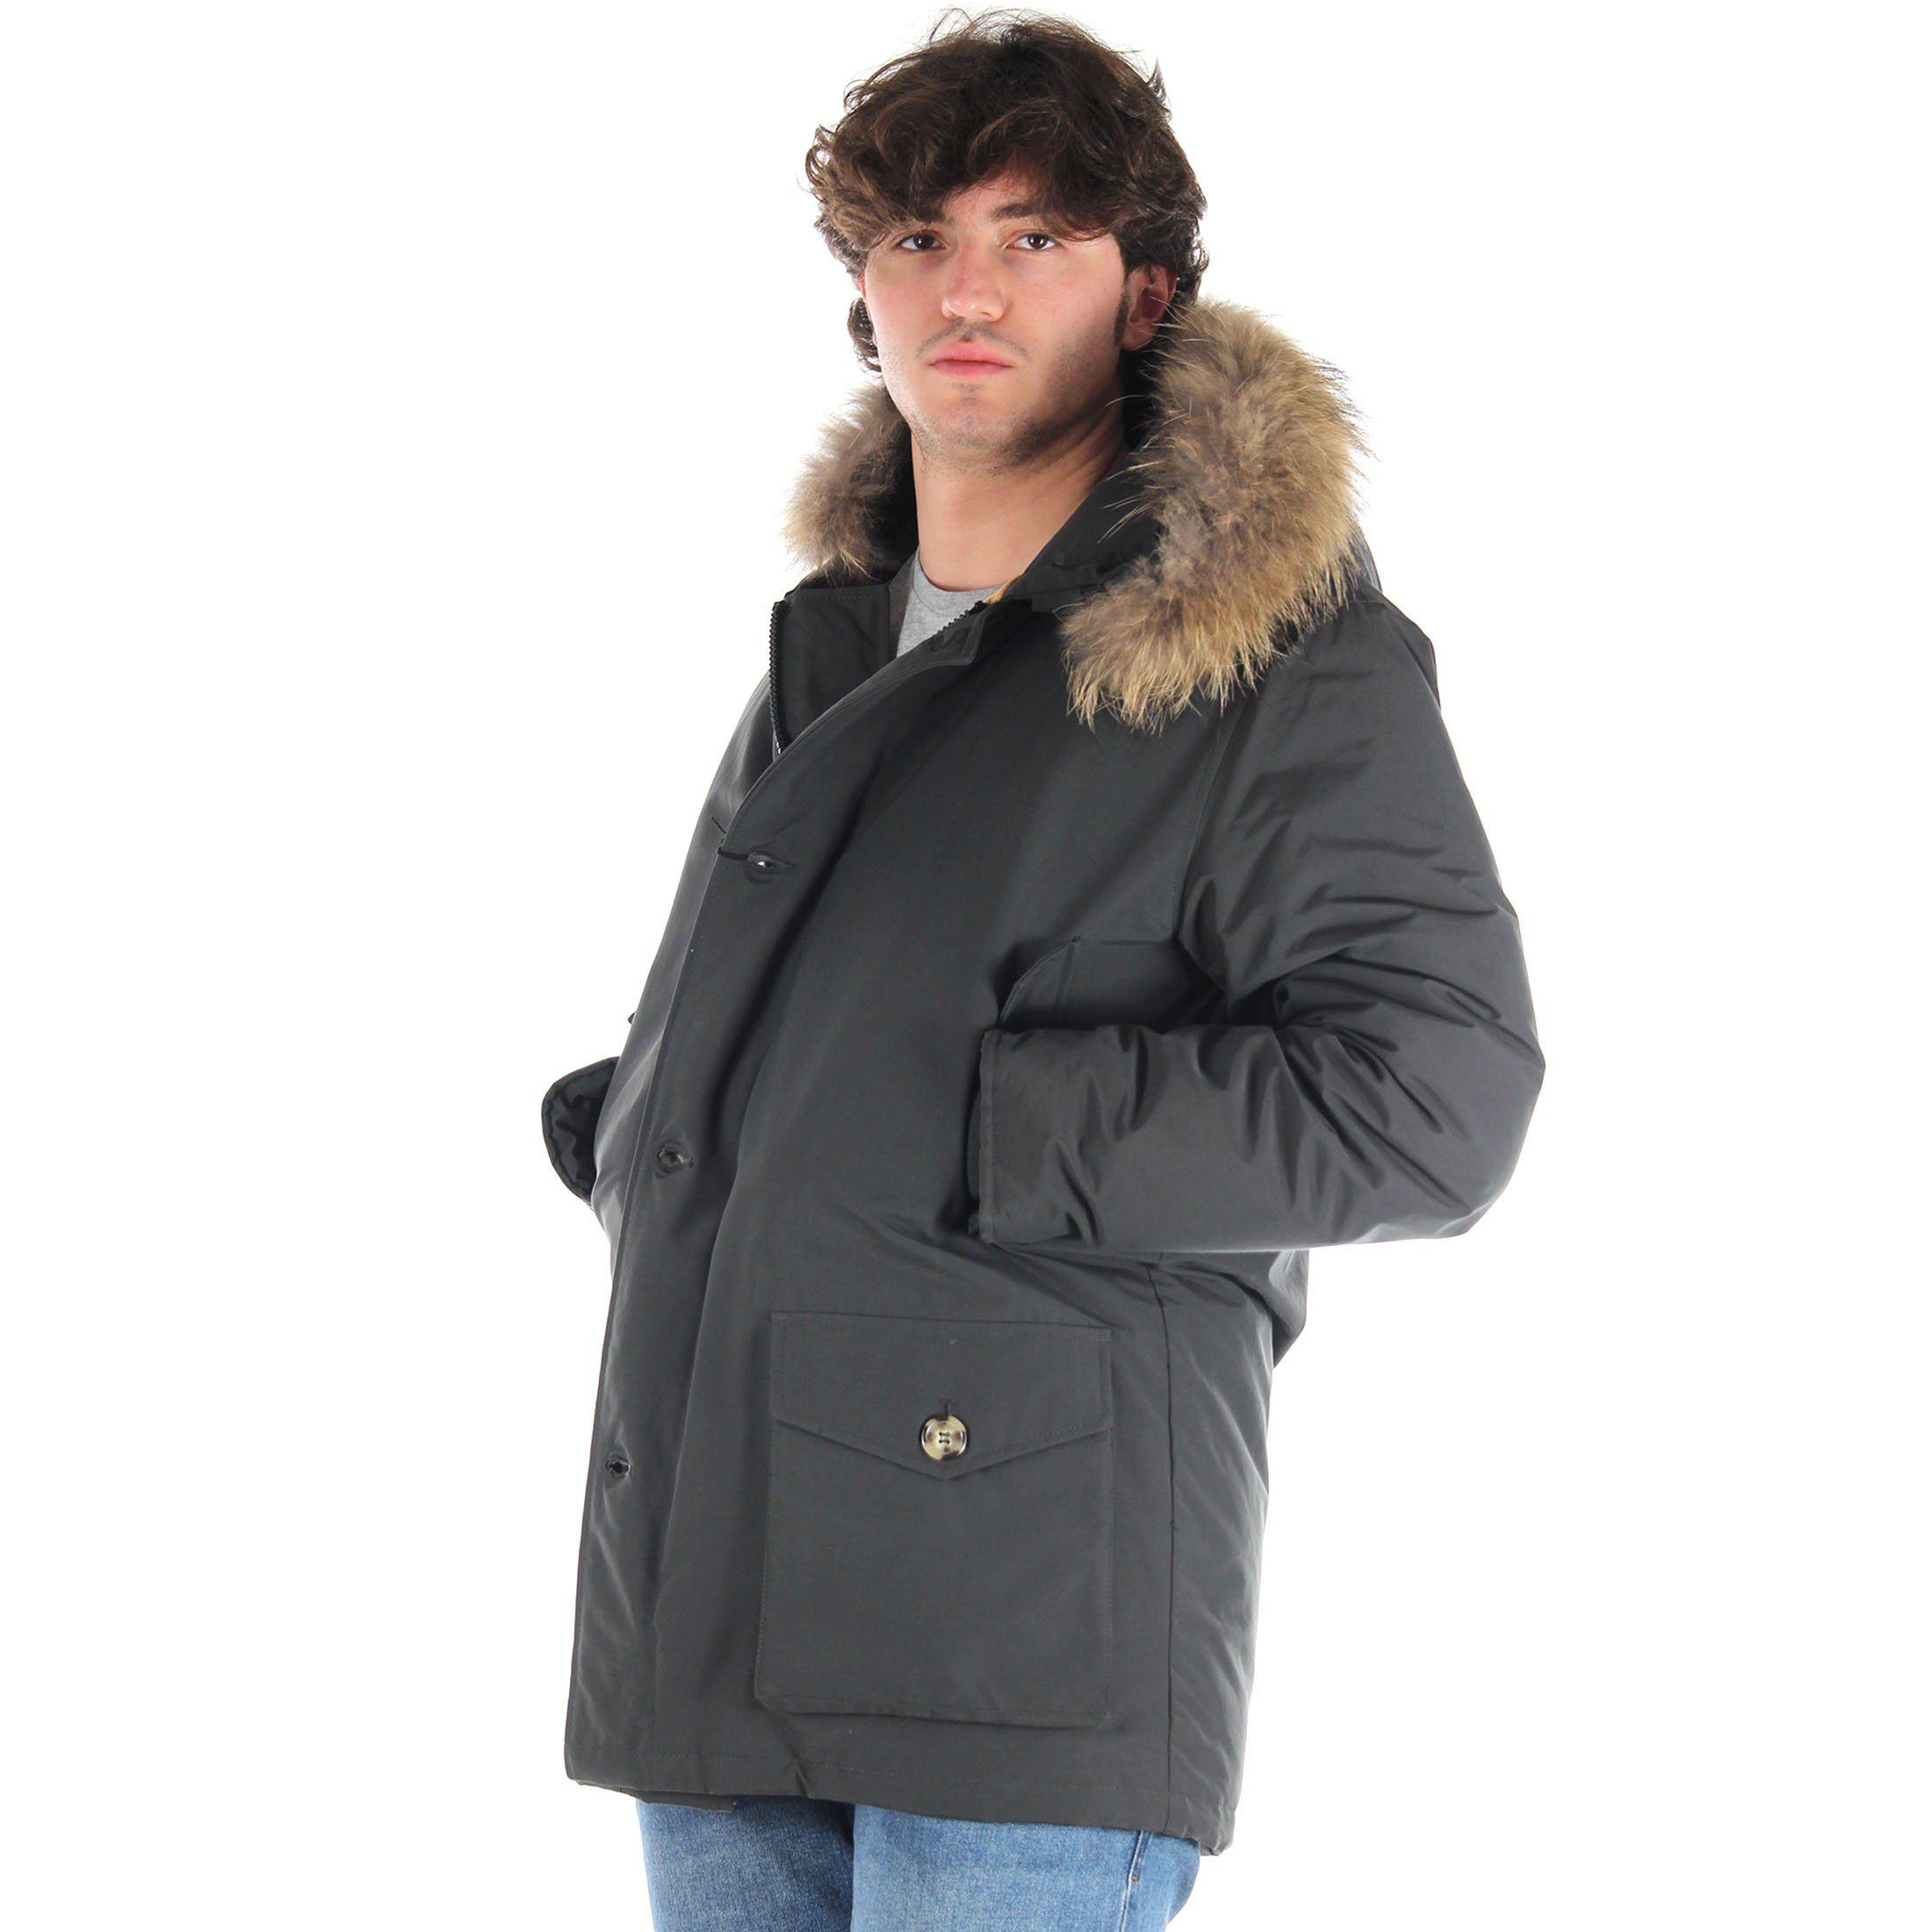 Breras parka con cappuccio in pelliccia da uomo